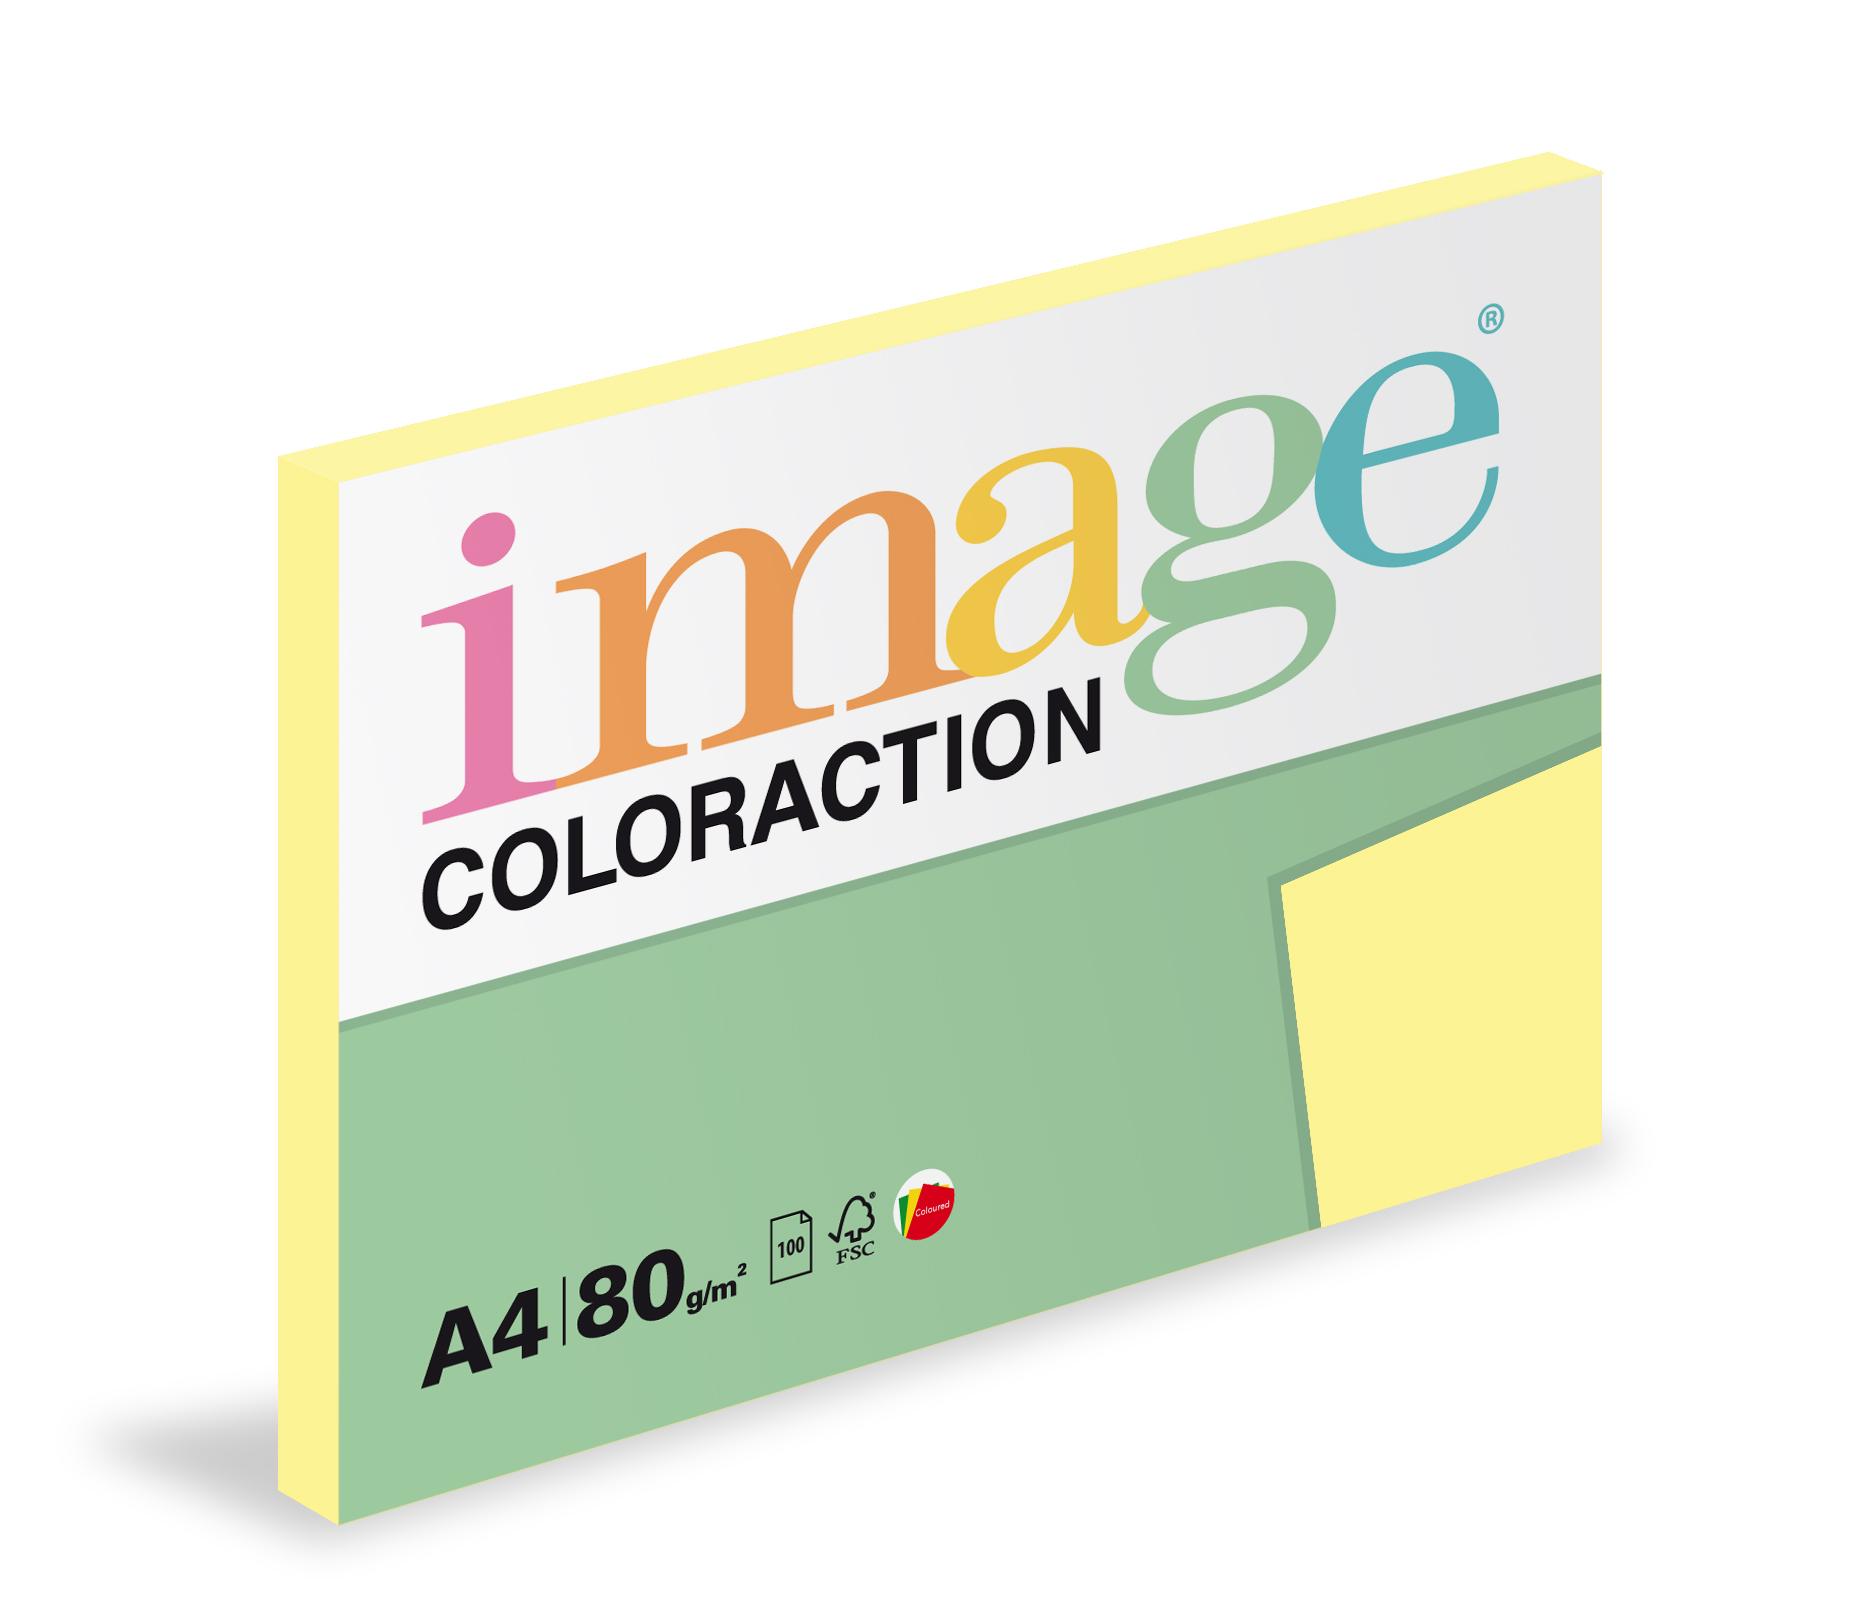 Xerografický papír barevný Coloraction 100 listů - YE23 desert / pastelové žlutá / 100 listů